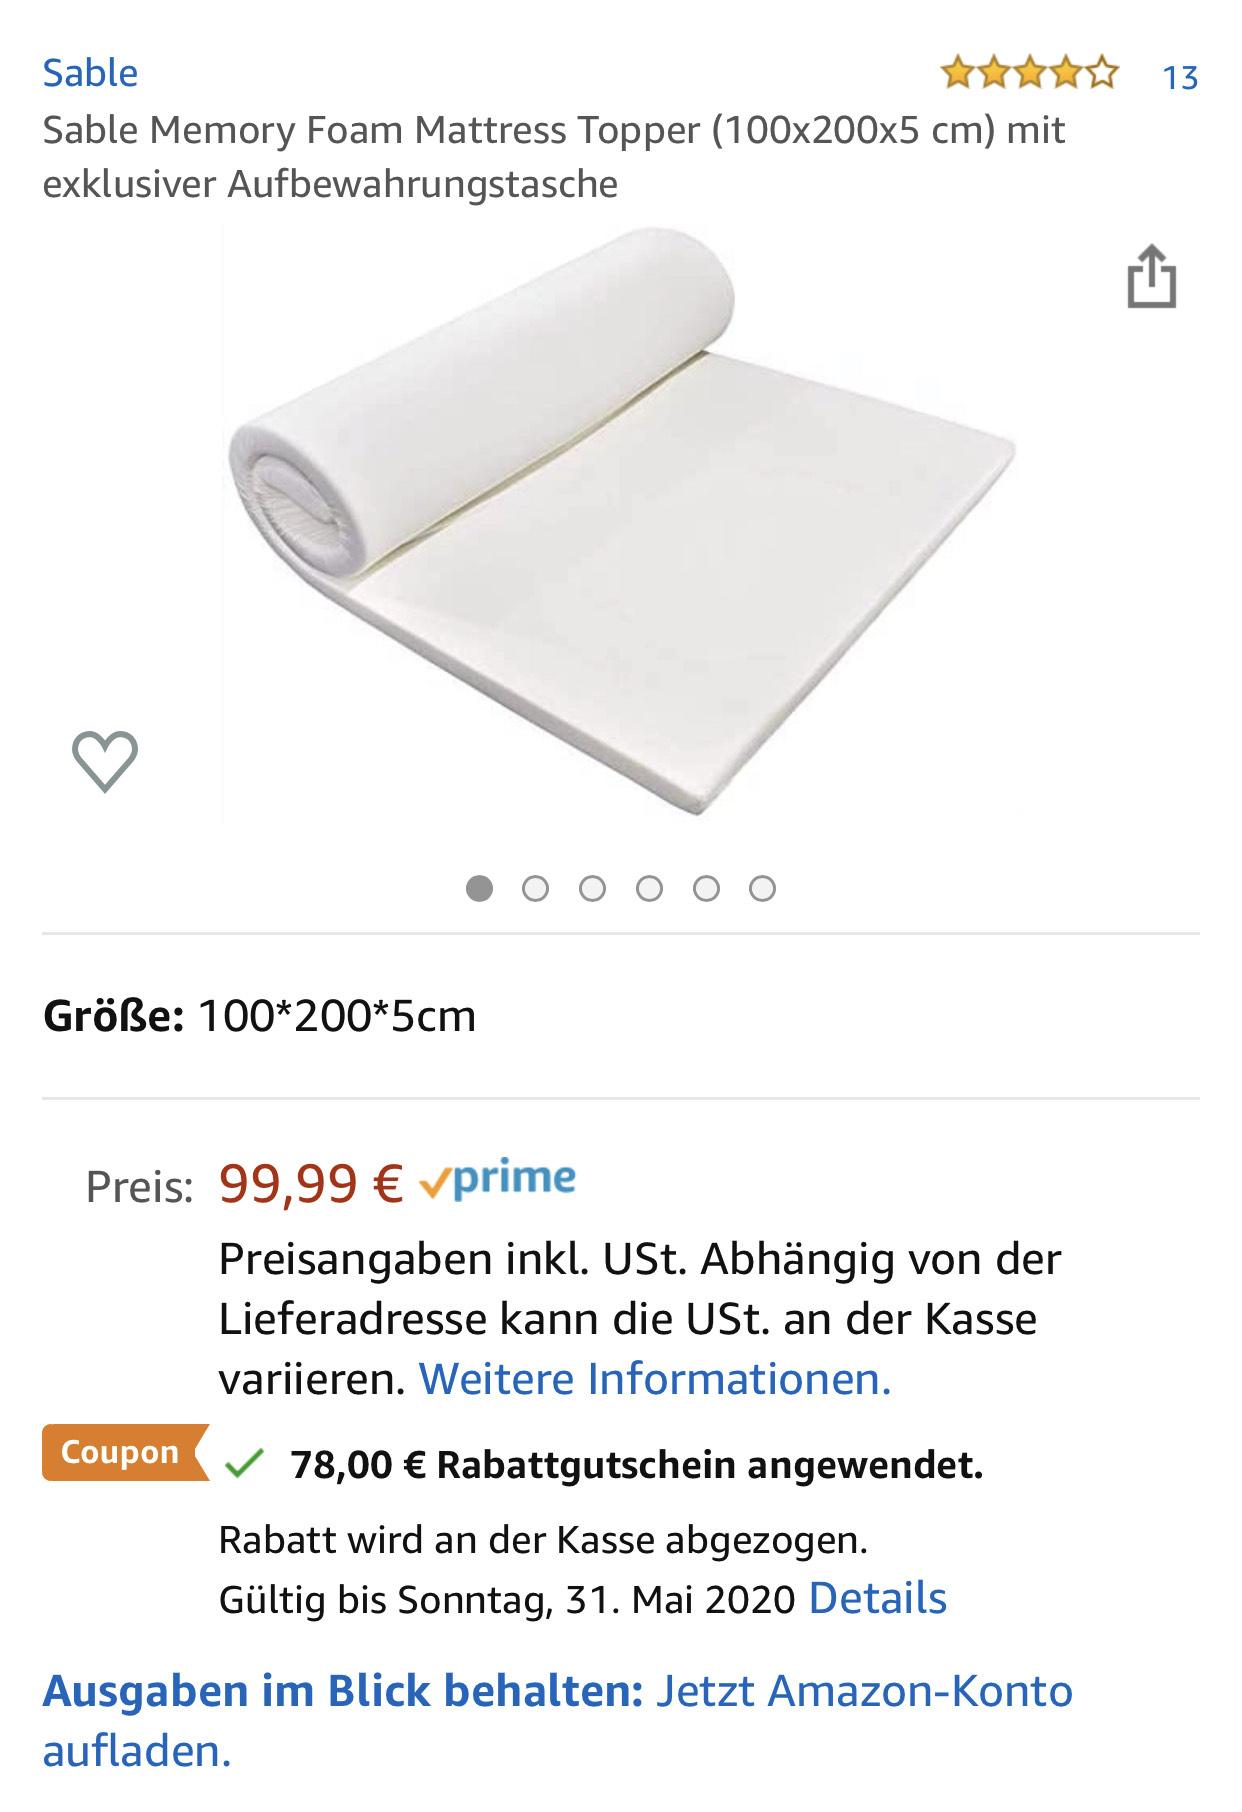 Sable Memory Foam Mattress Topper (100x200x5 cm) mit exklusiver Aufbewahrungstasche